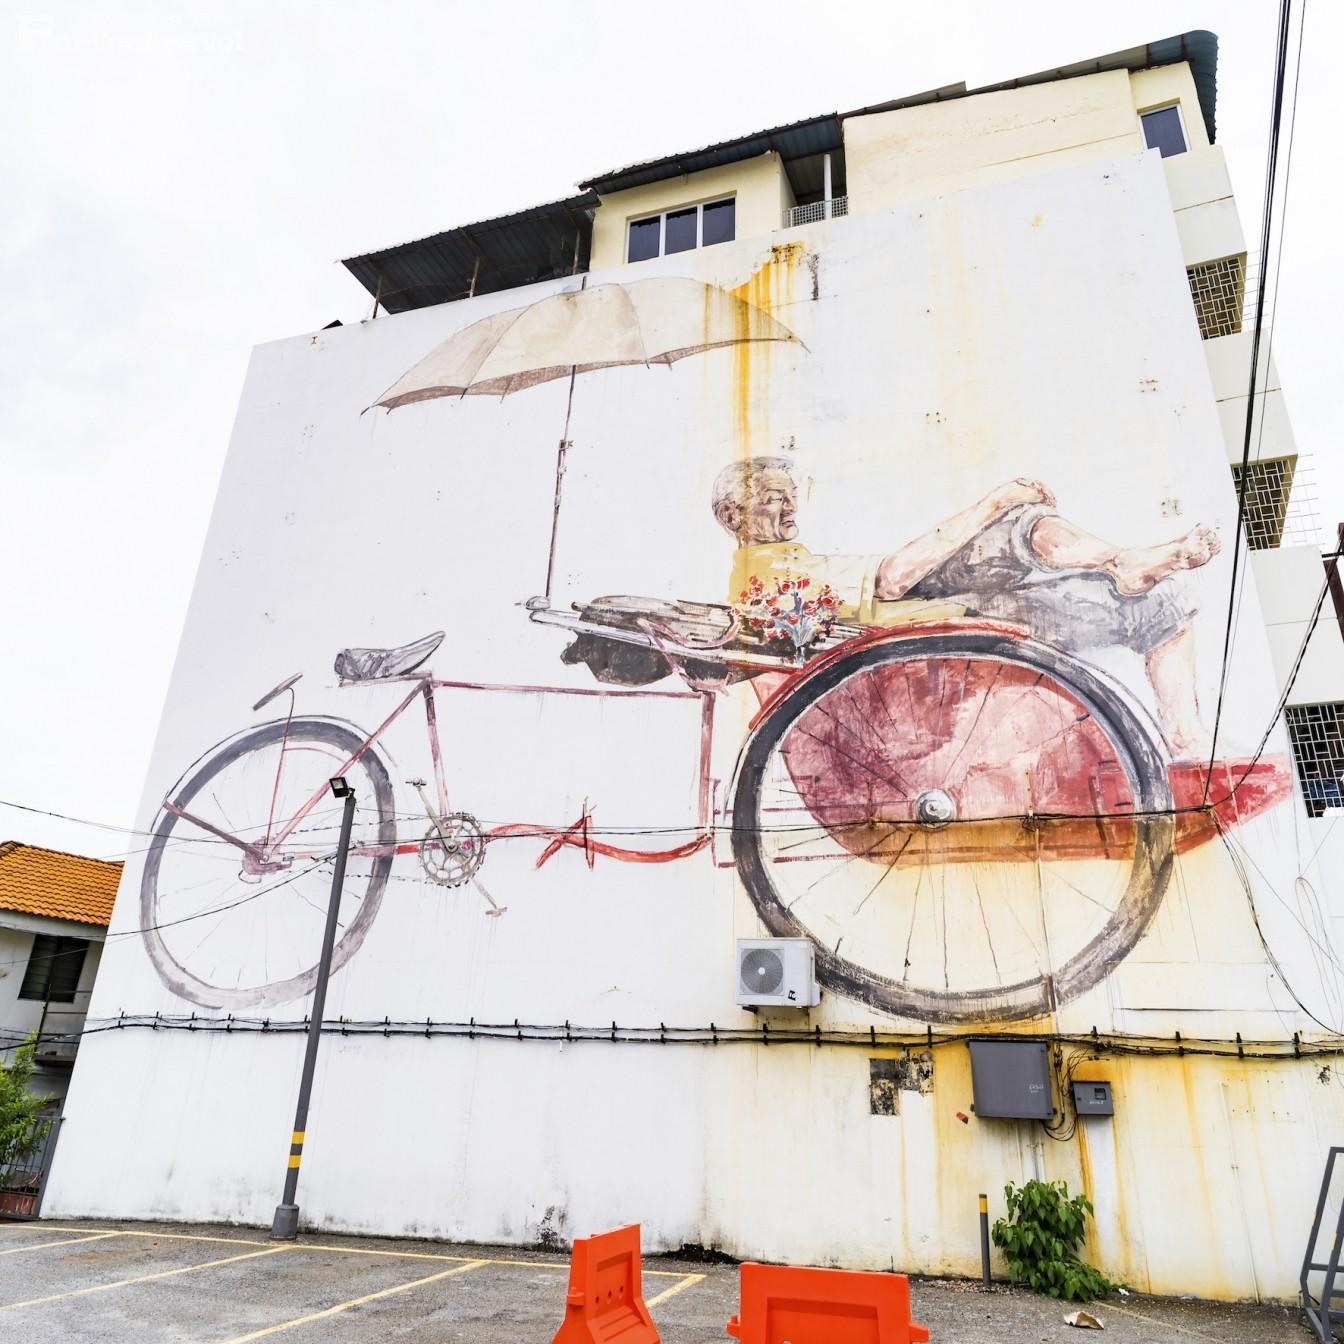 老房子,新故事|SLH在大马槟城的首家酒店 - 完美旅行Perfectravel - 完美旅行Perfectravel的博客